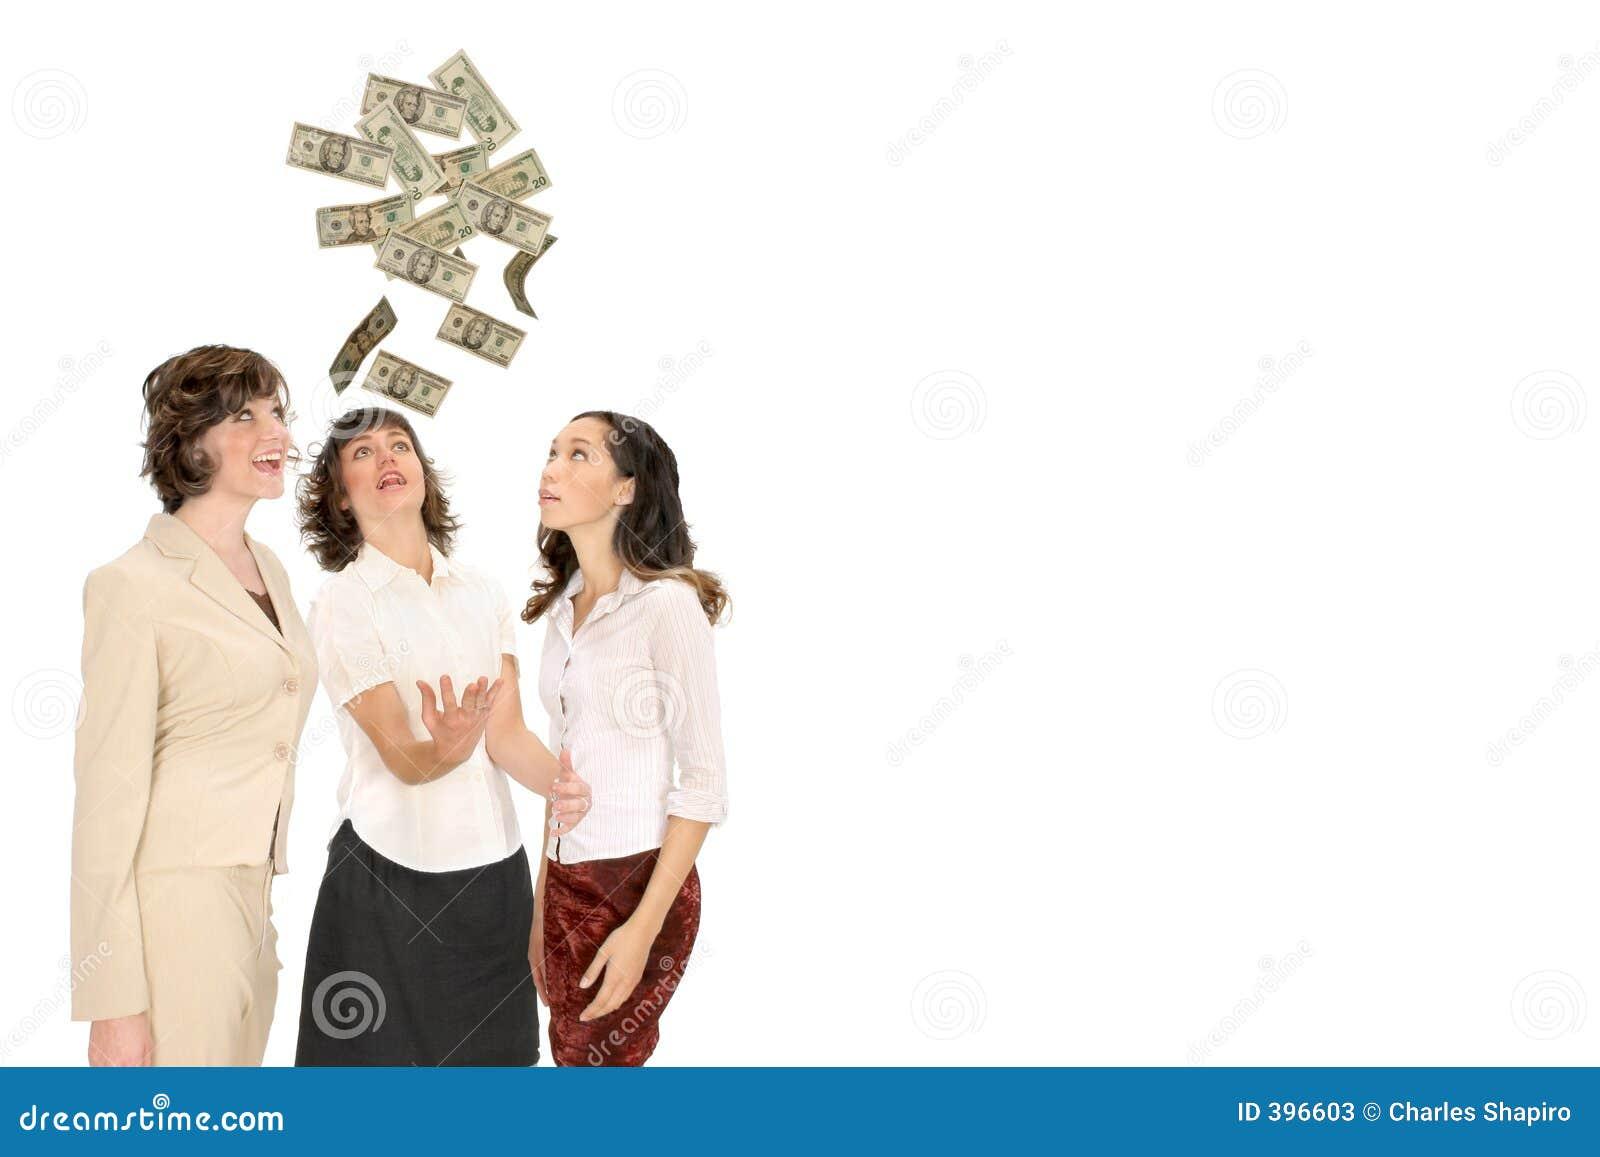 επάνω από τα χρήματα